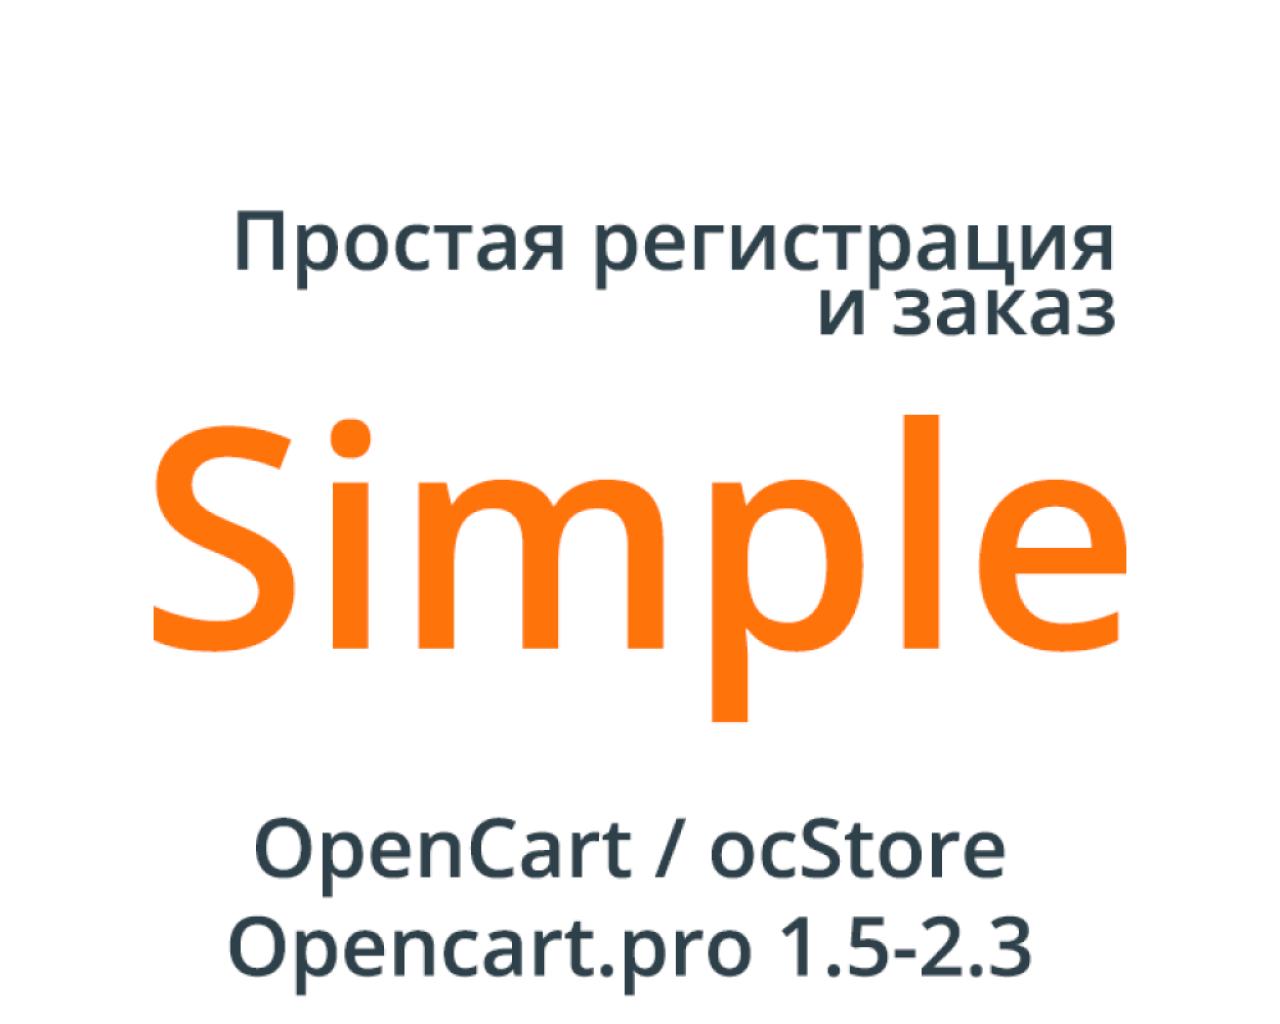 Simple - упрощенная регистрация и заказ 4.9.4